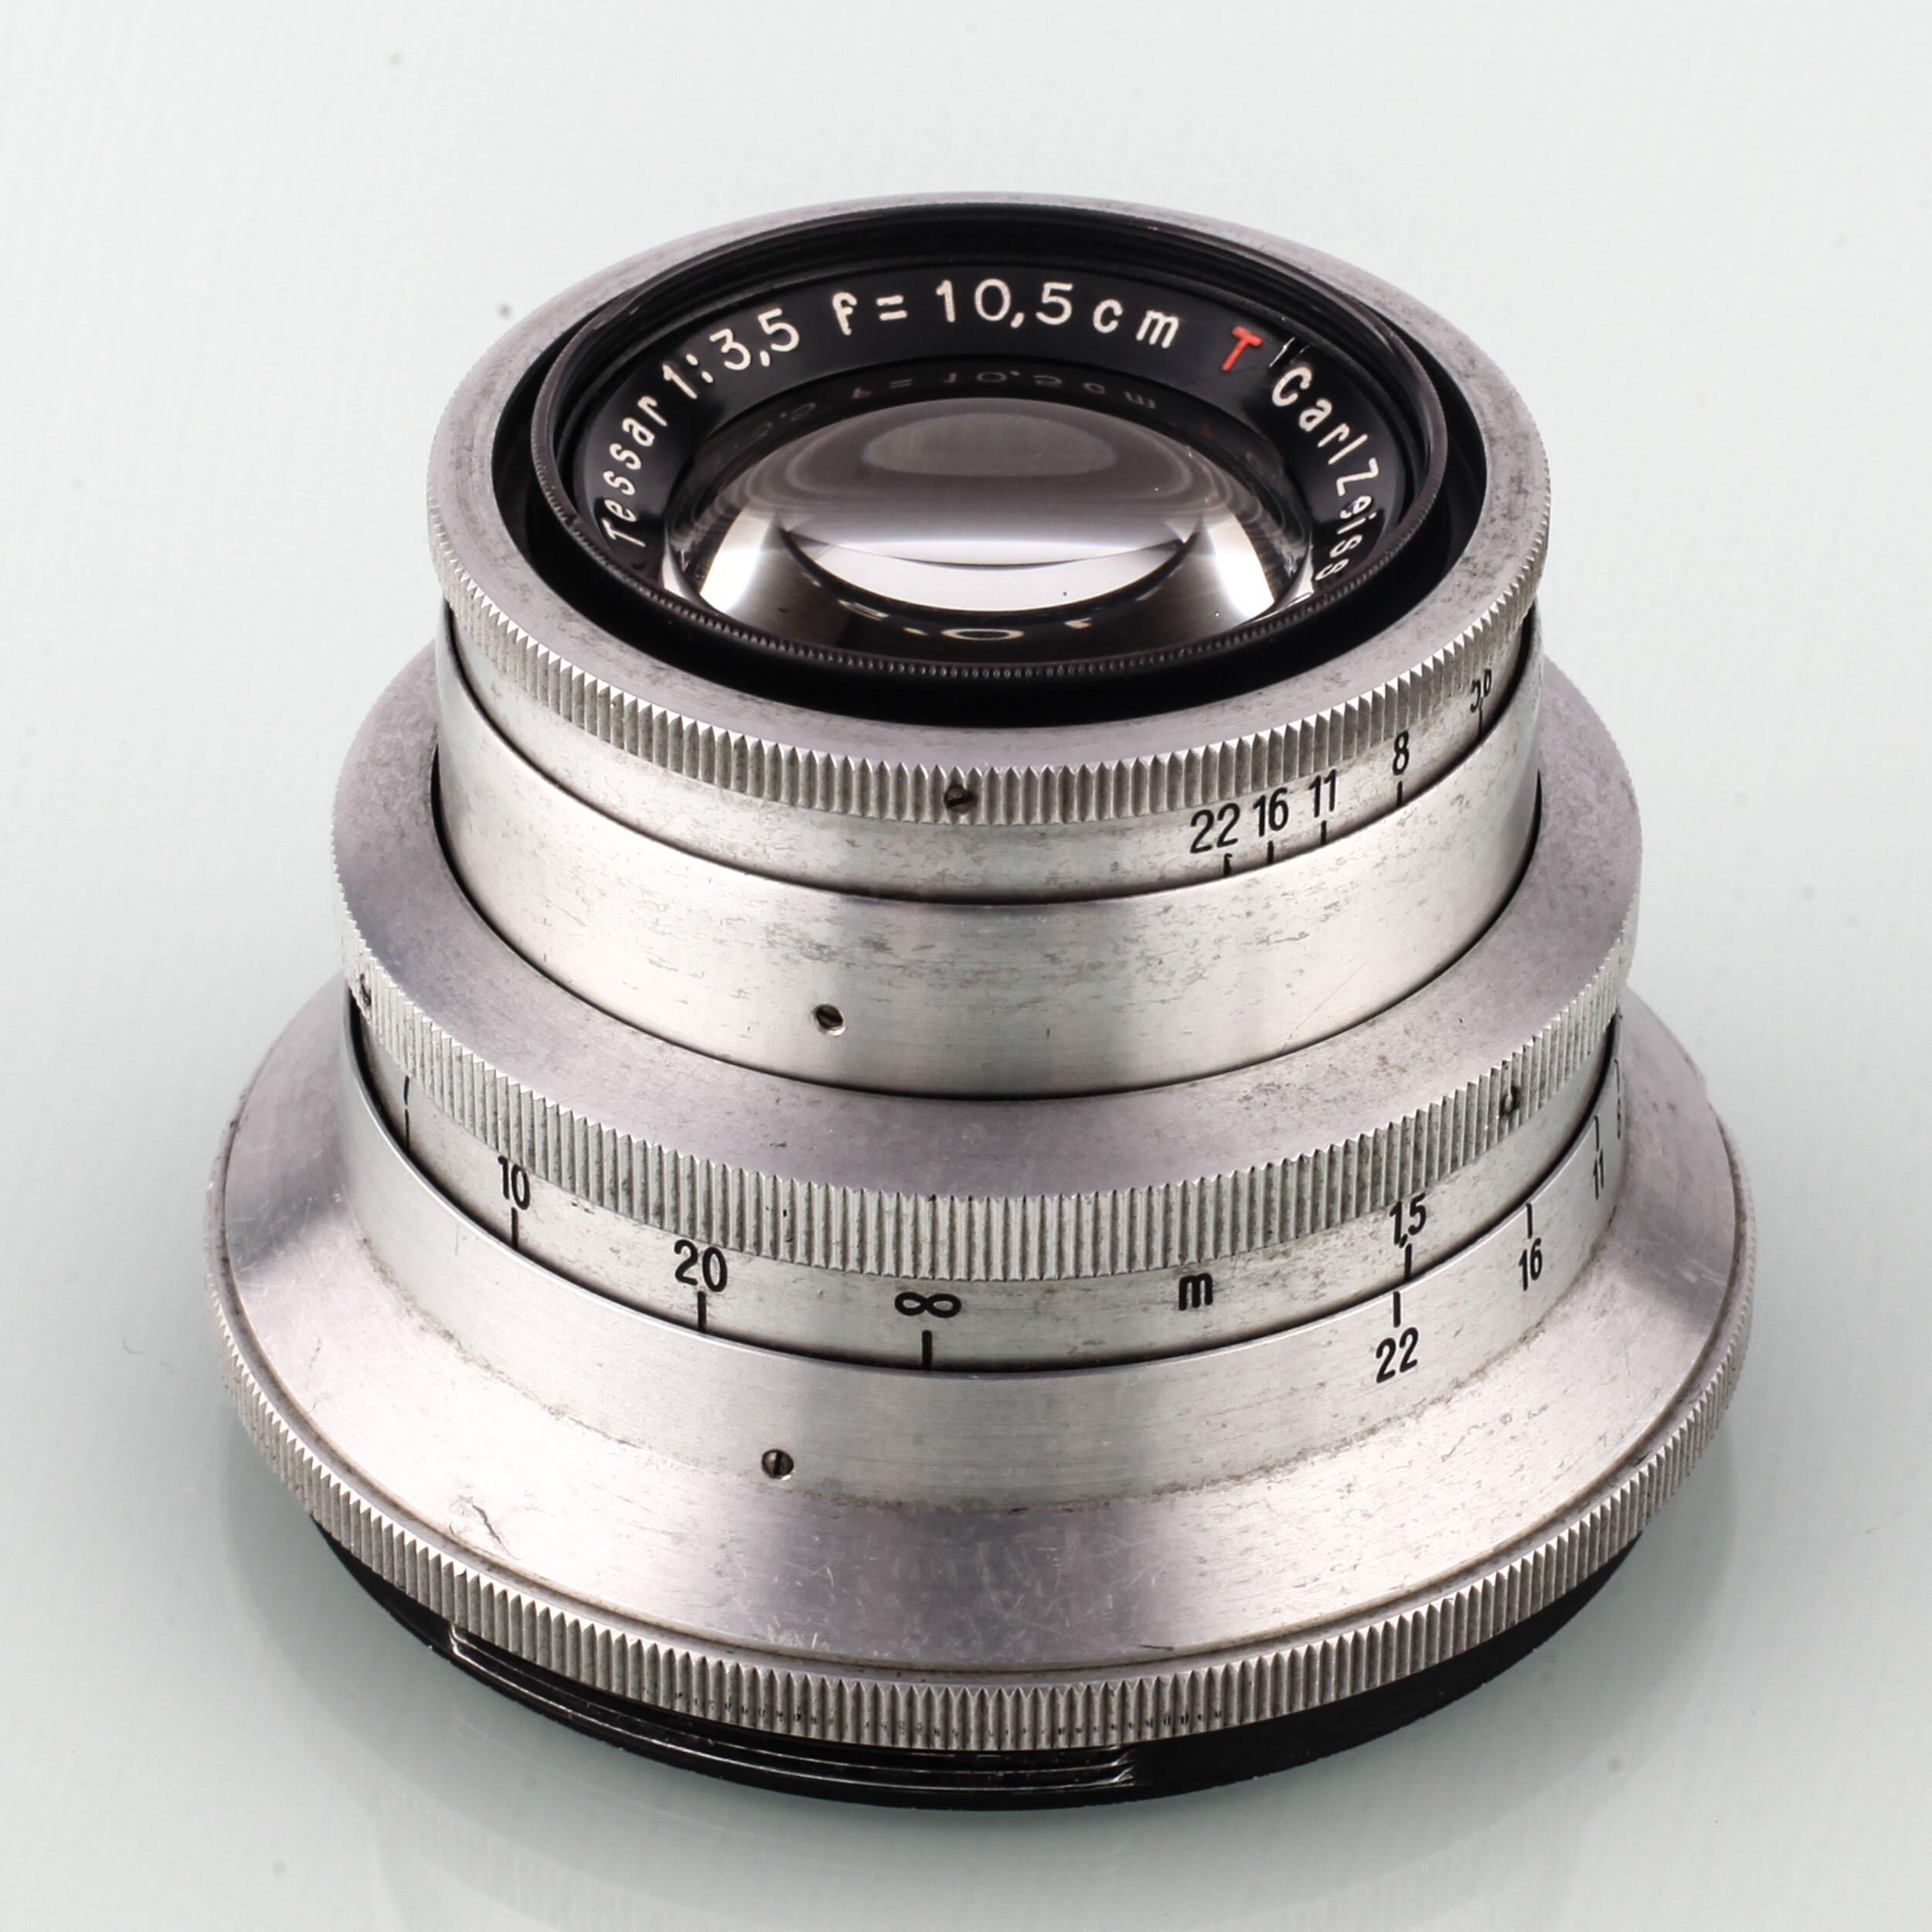 Carl Zeiss Tessar 3,5/10,5cm T Primarflex